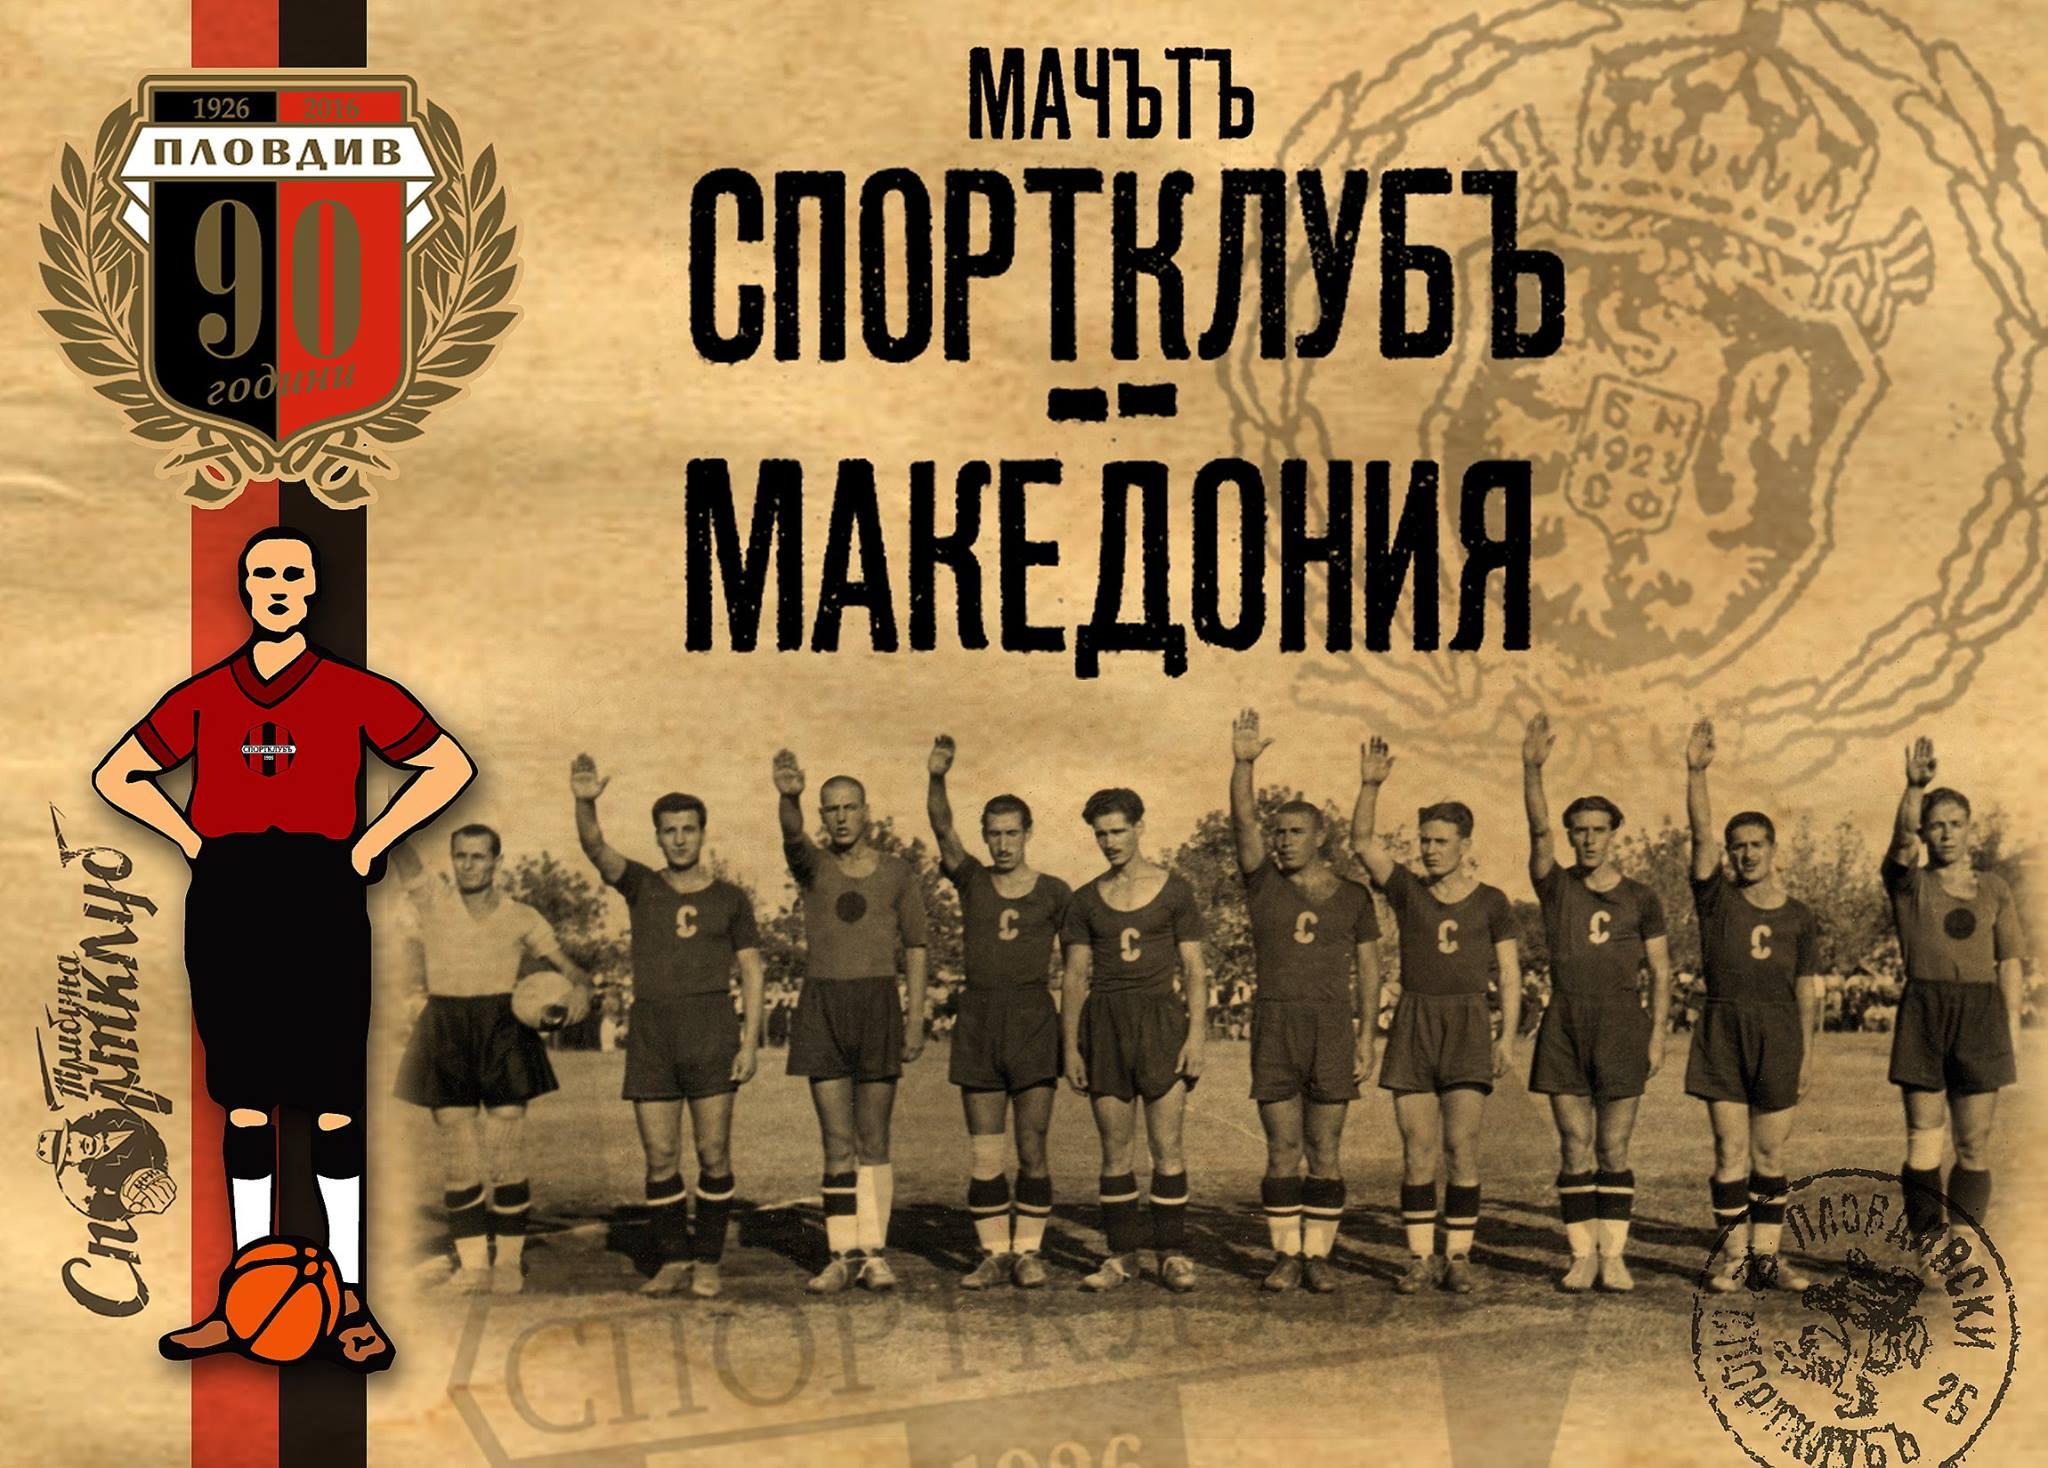 Пловдивски Спортклуб 1940